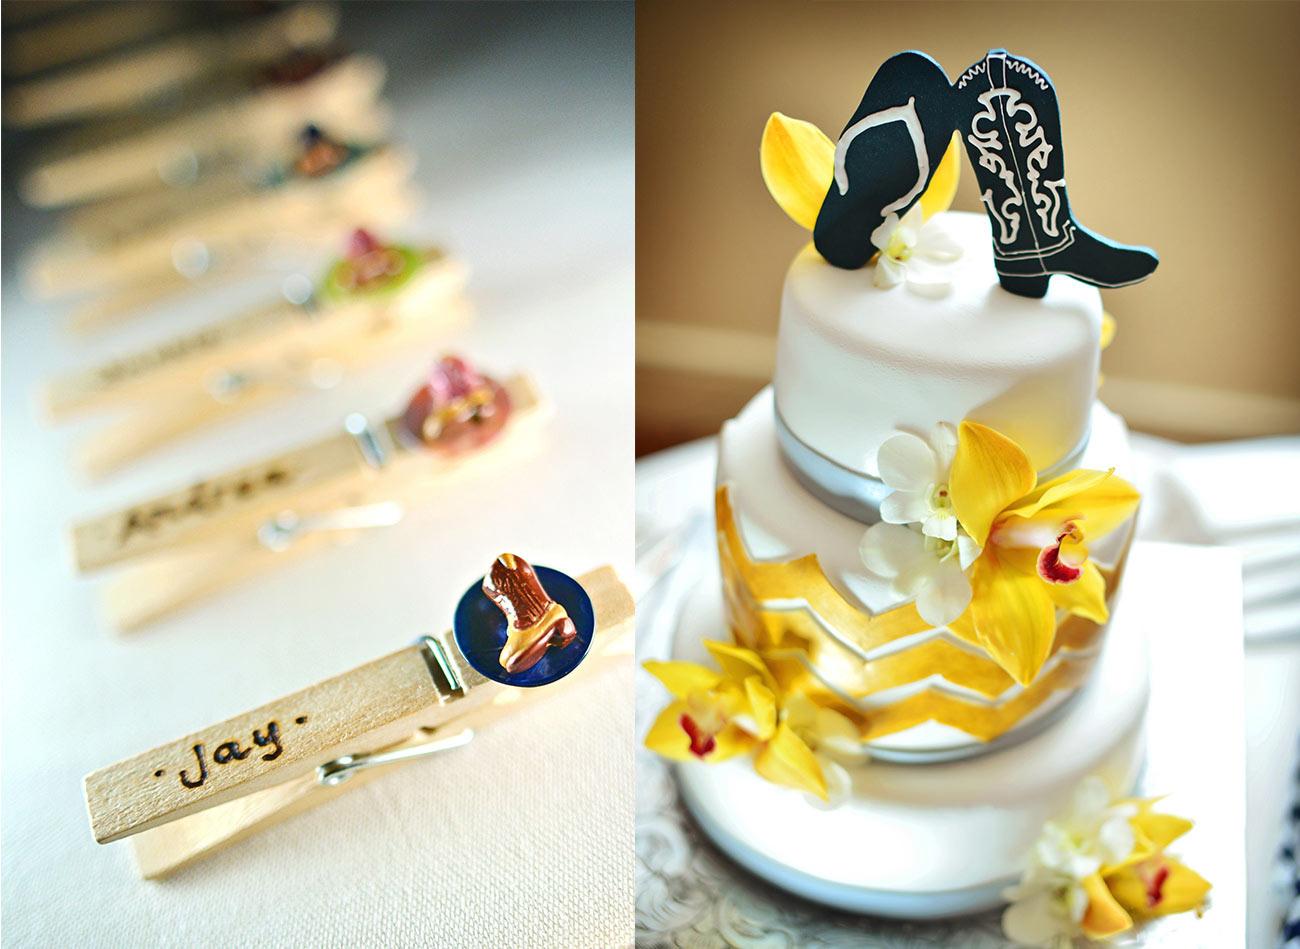 Kauai-Island-Hawaii-wedding-photo-(34).jpg